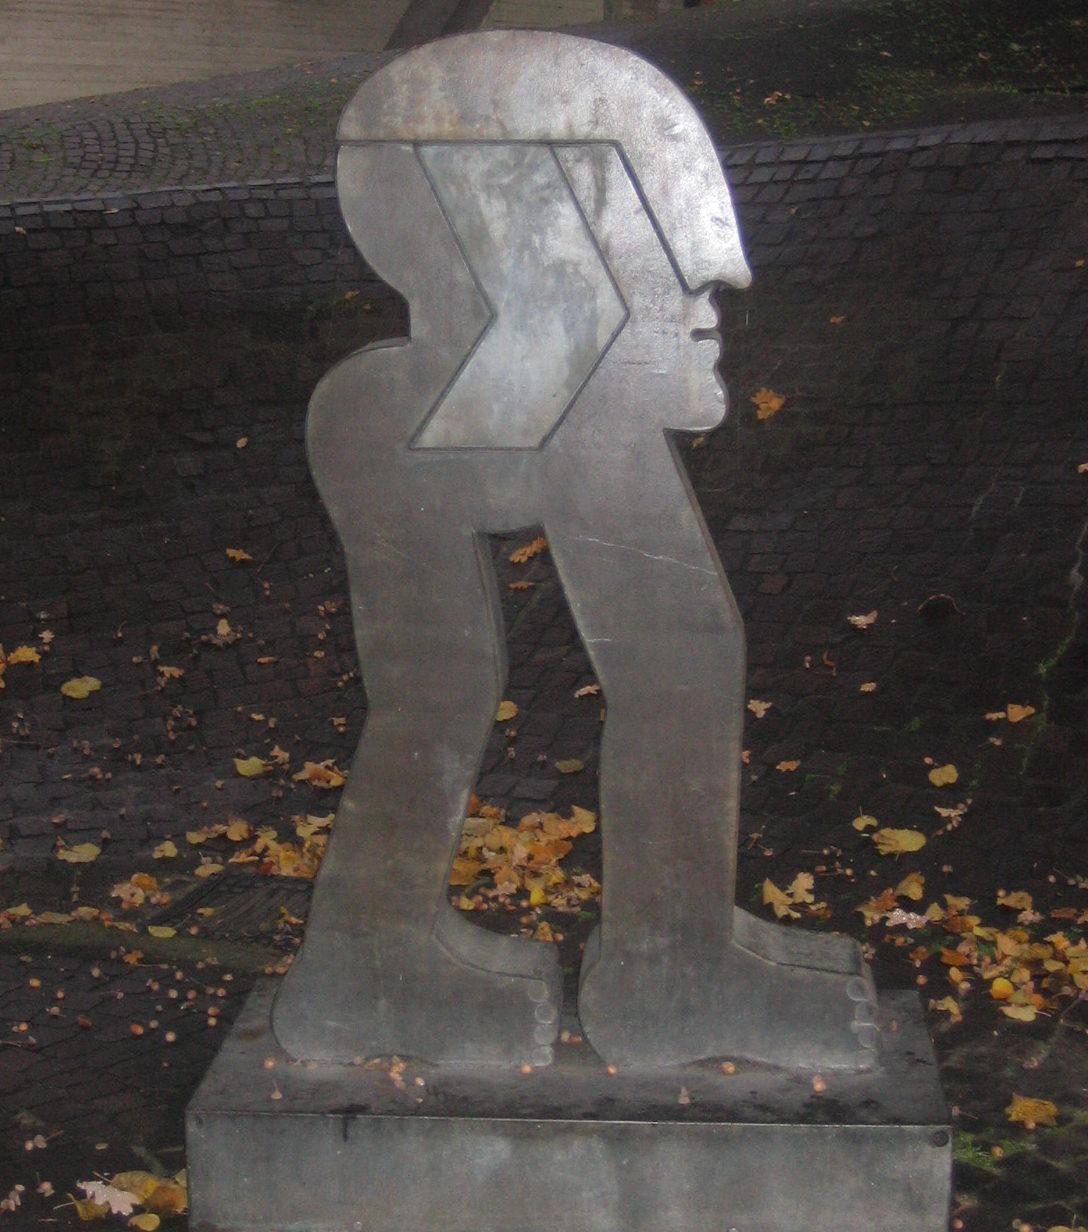 Skulptur von Horst Antes auf einem öffentlichem Platz in Hannover